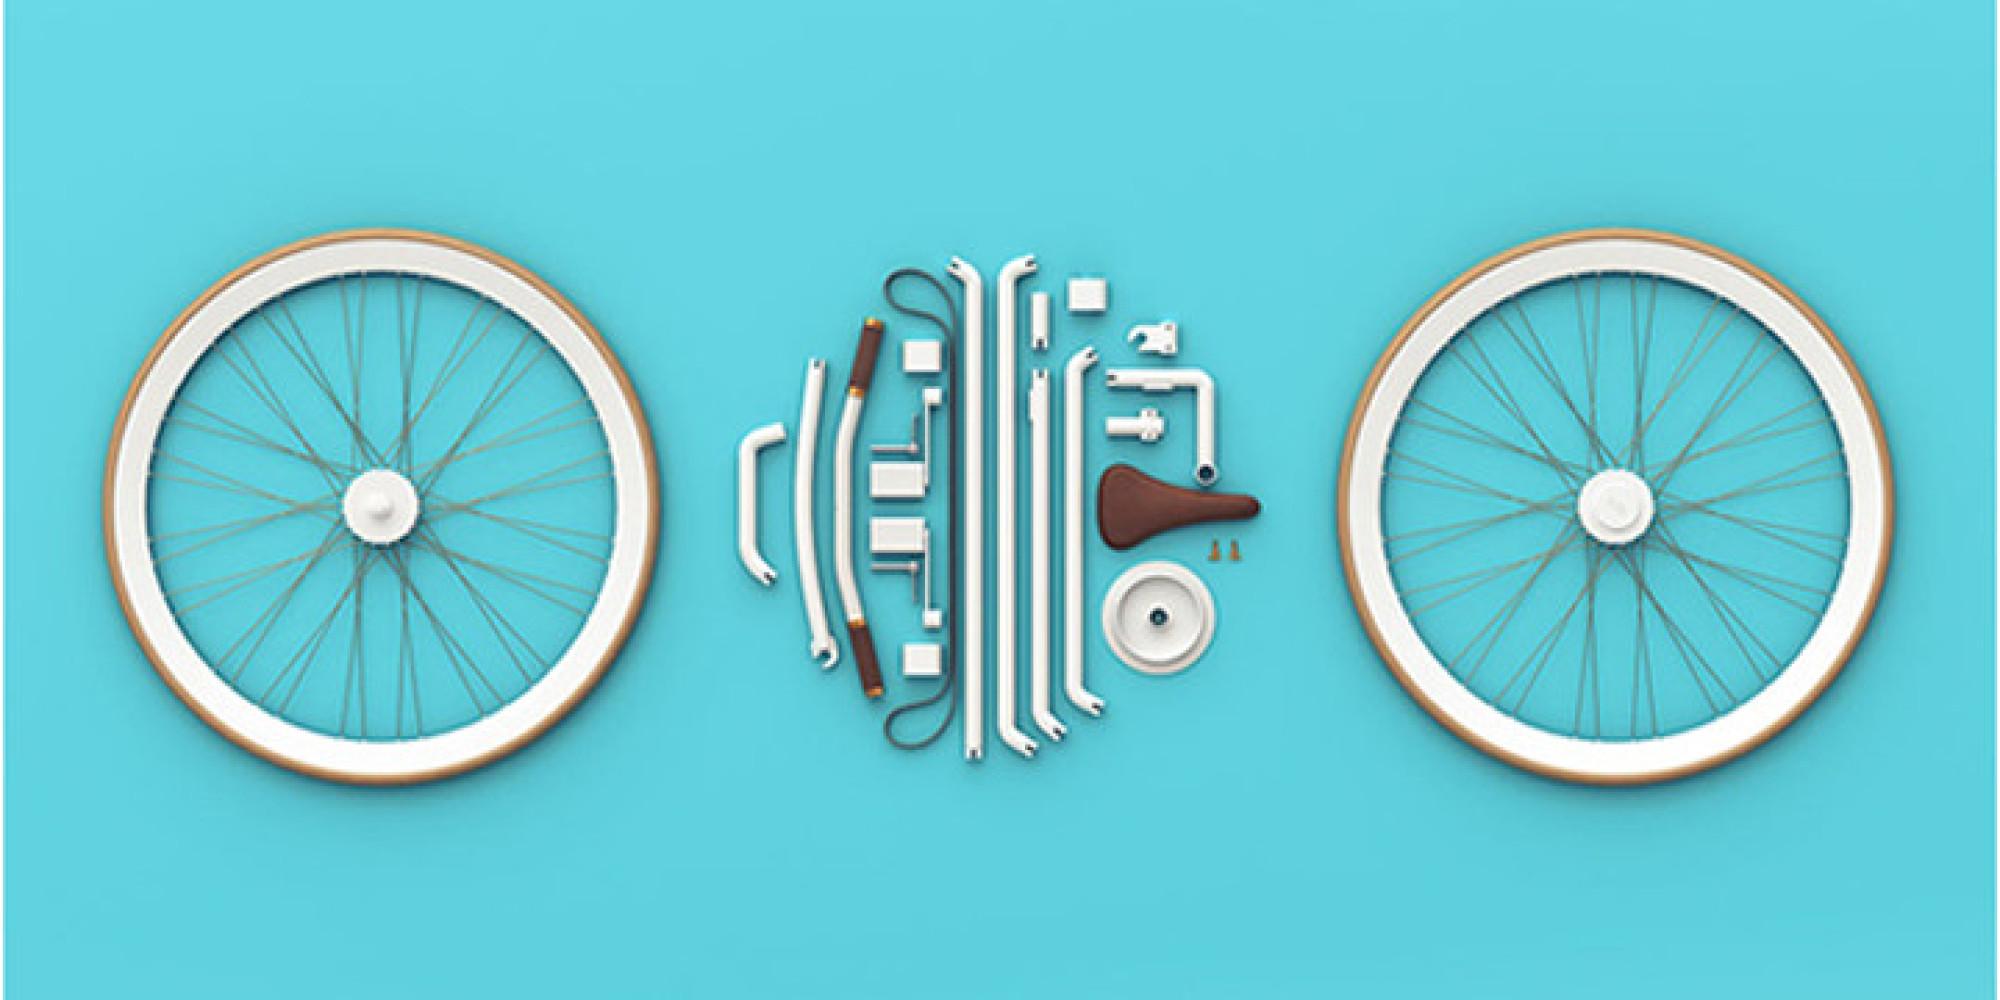 Kit Bike, le vélo urbain qui se plie dans un petit sac